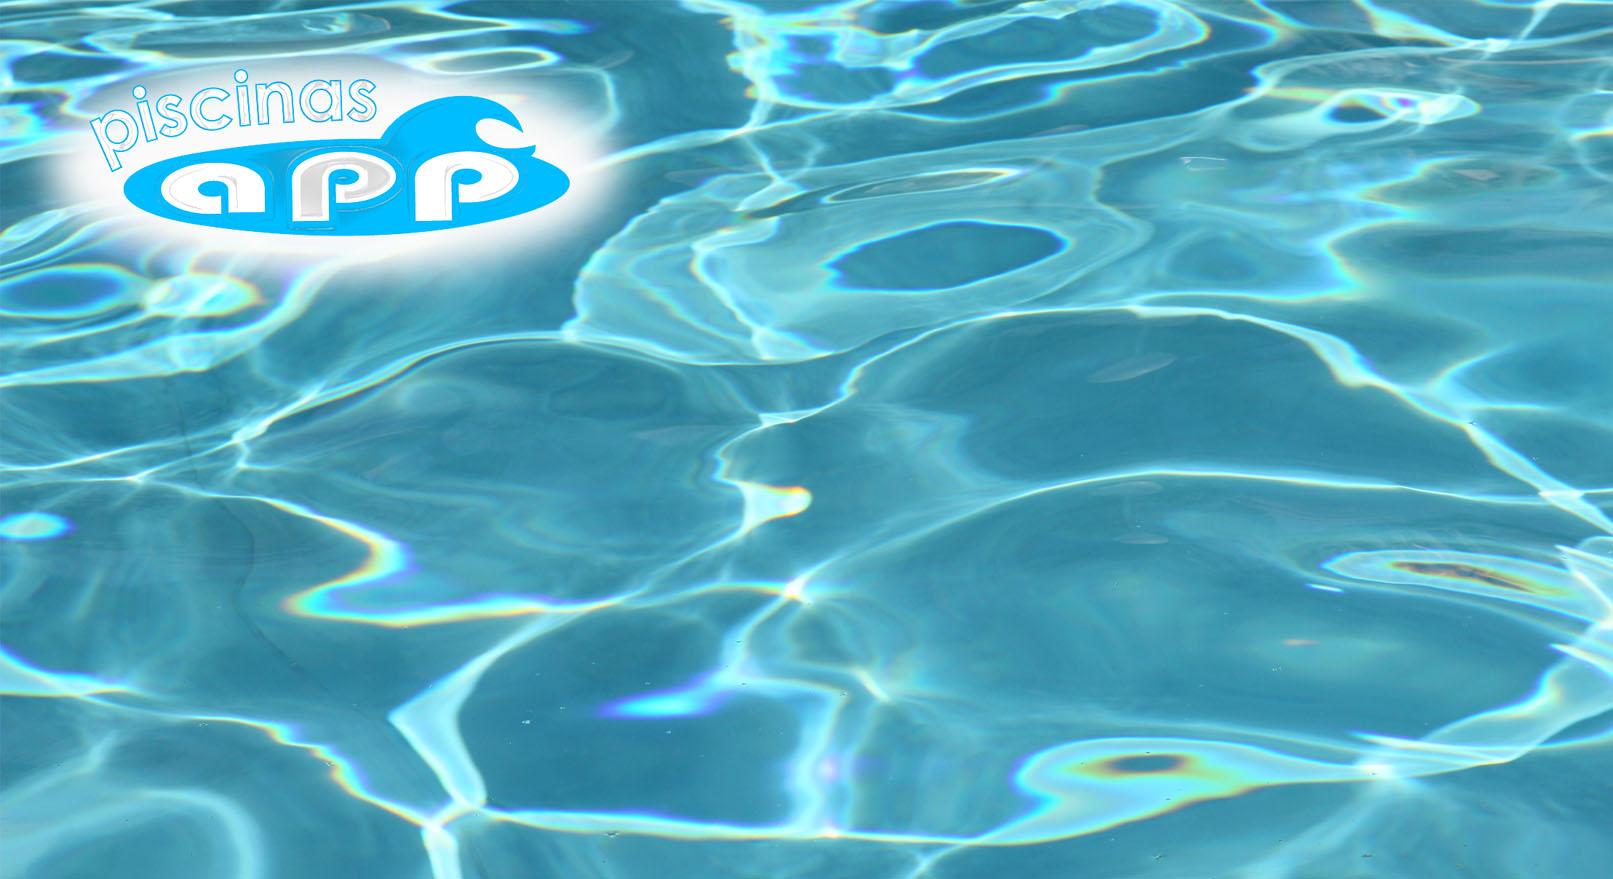 piscinas app Navarra